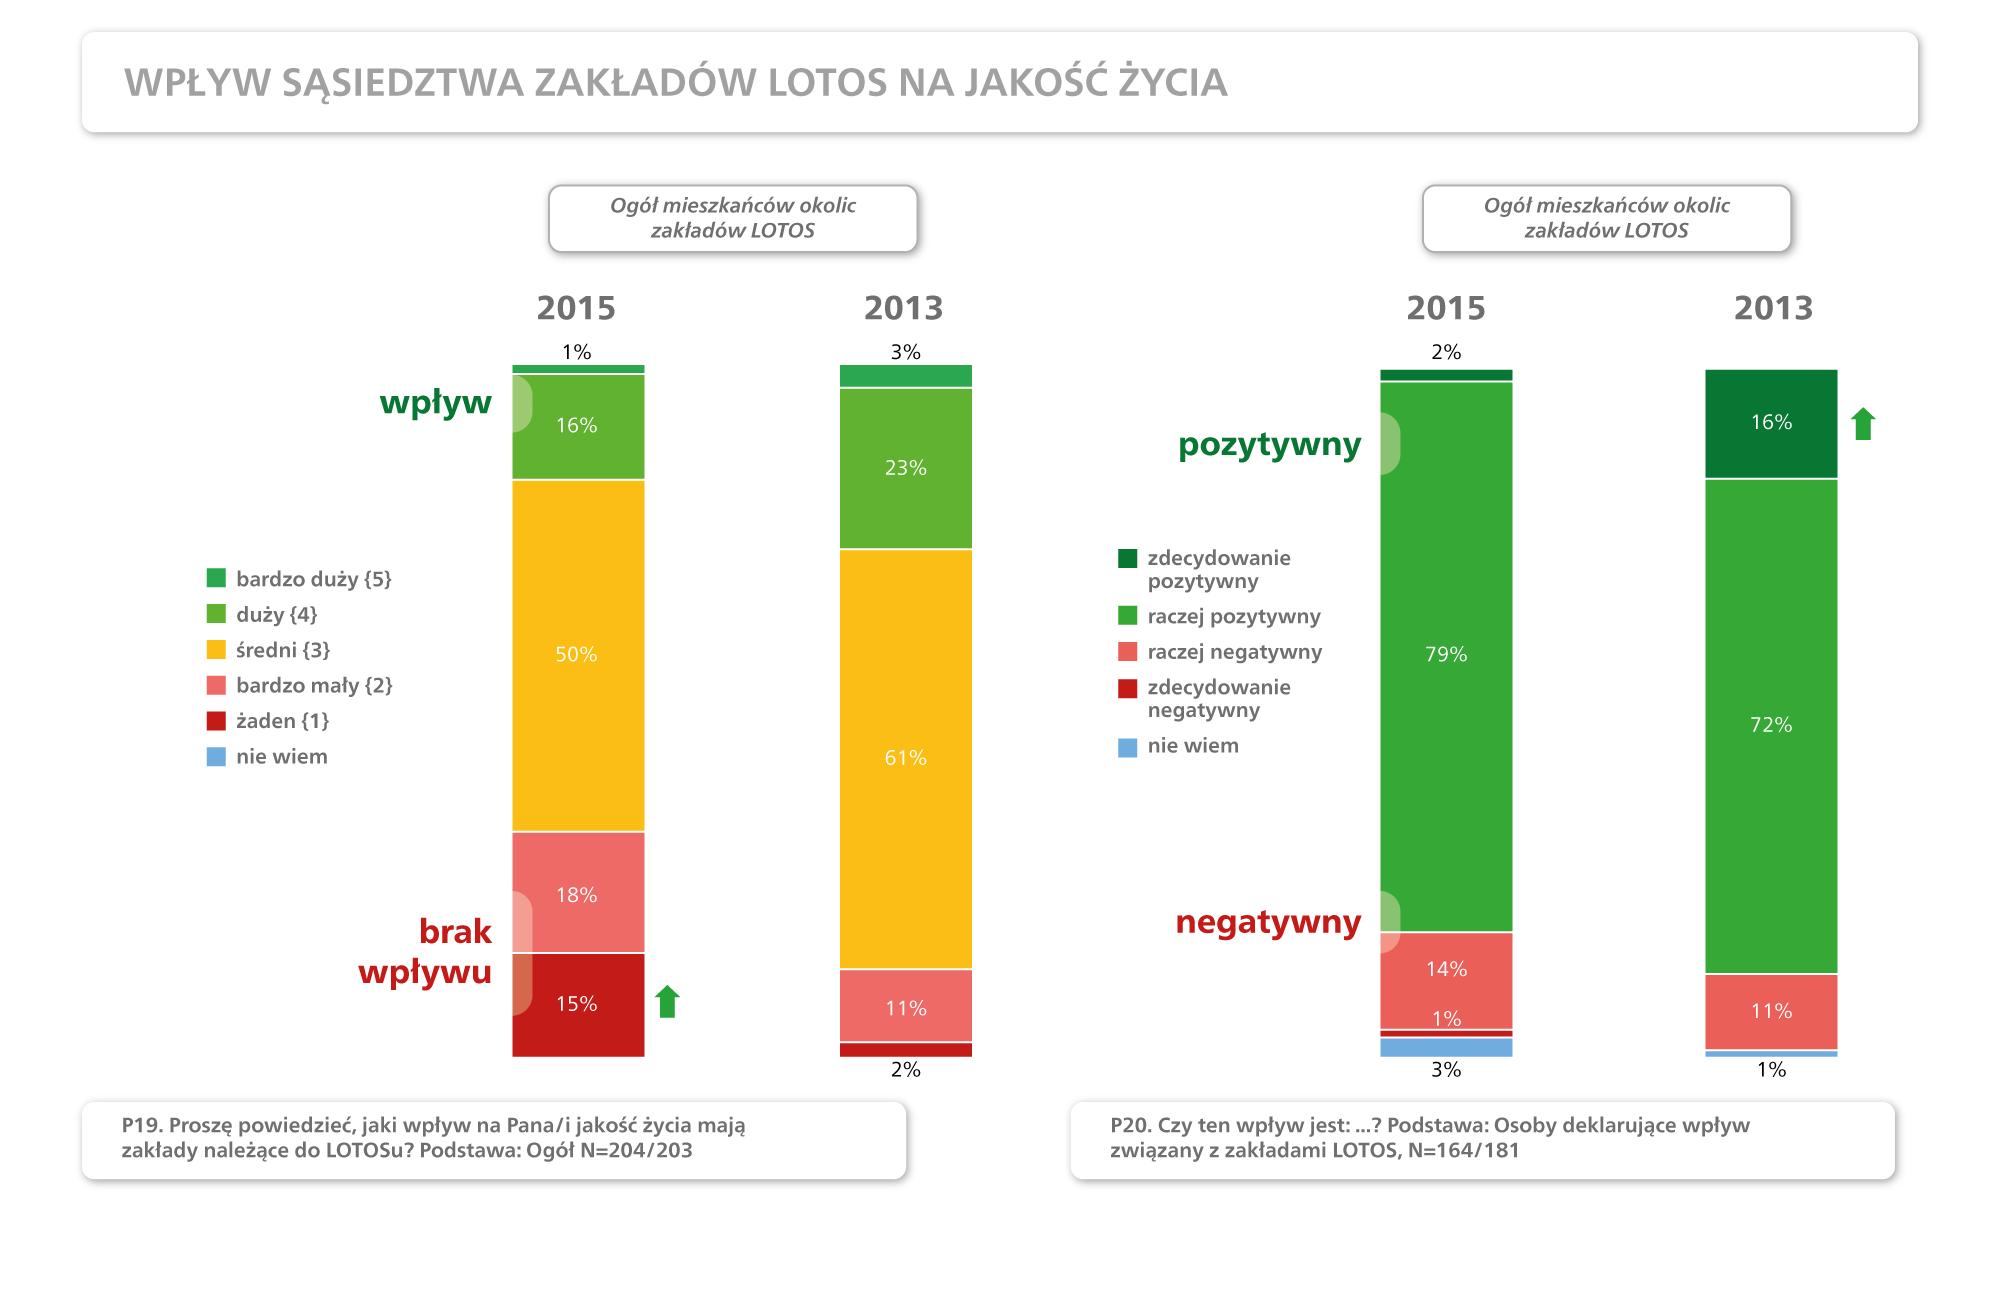 Wpływ sąsiedztwa zakładów LOTOS na jakość życia - wykres